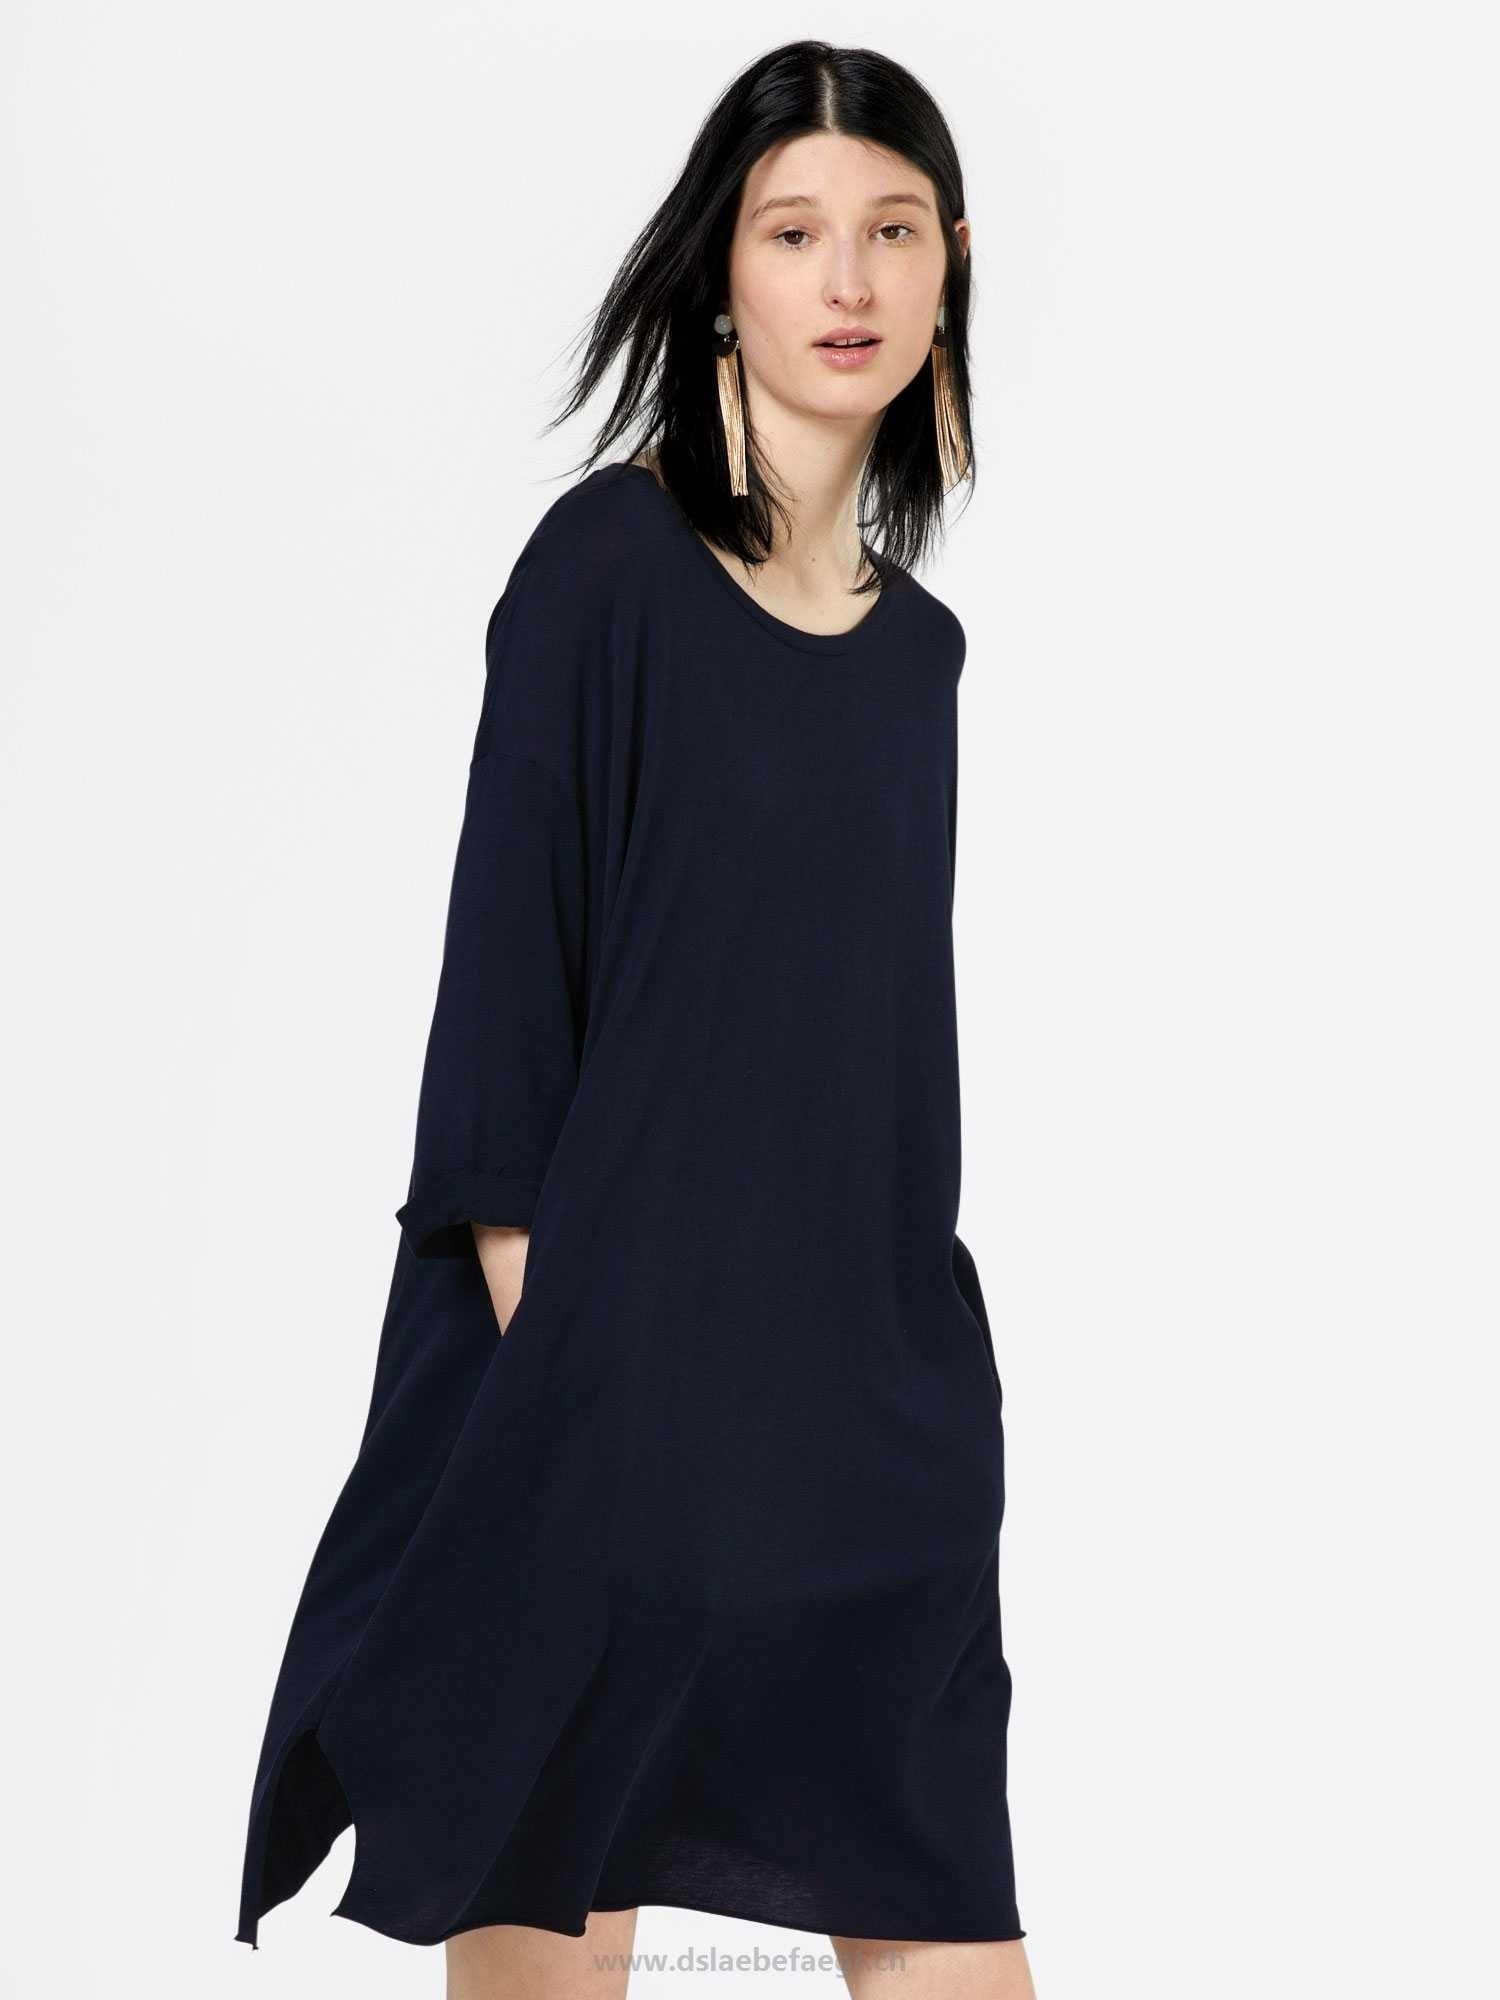 Designer Schön Kleider In Größe 50 Ärmel Elegant Kleider In Größe 50 Boutique